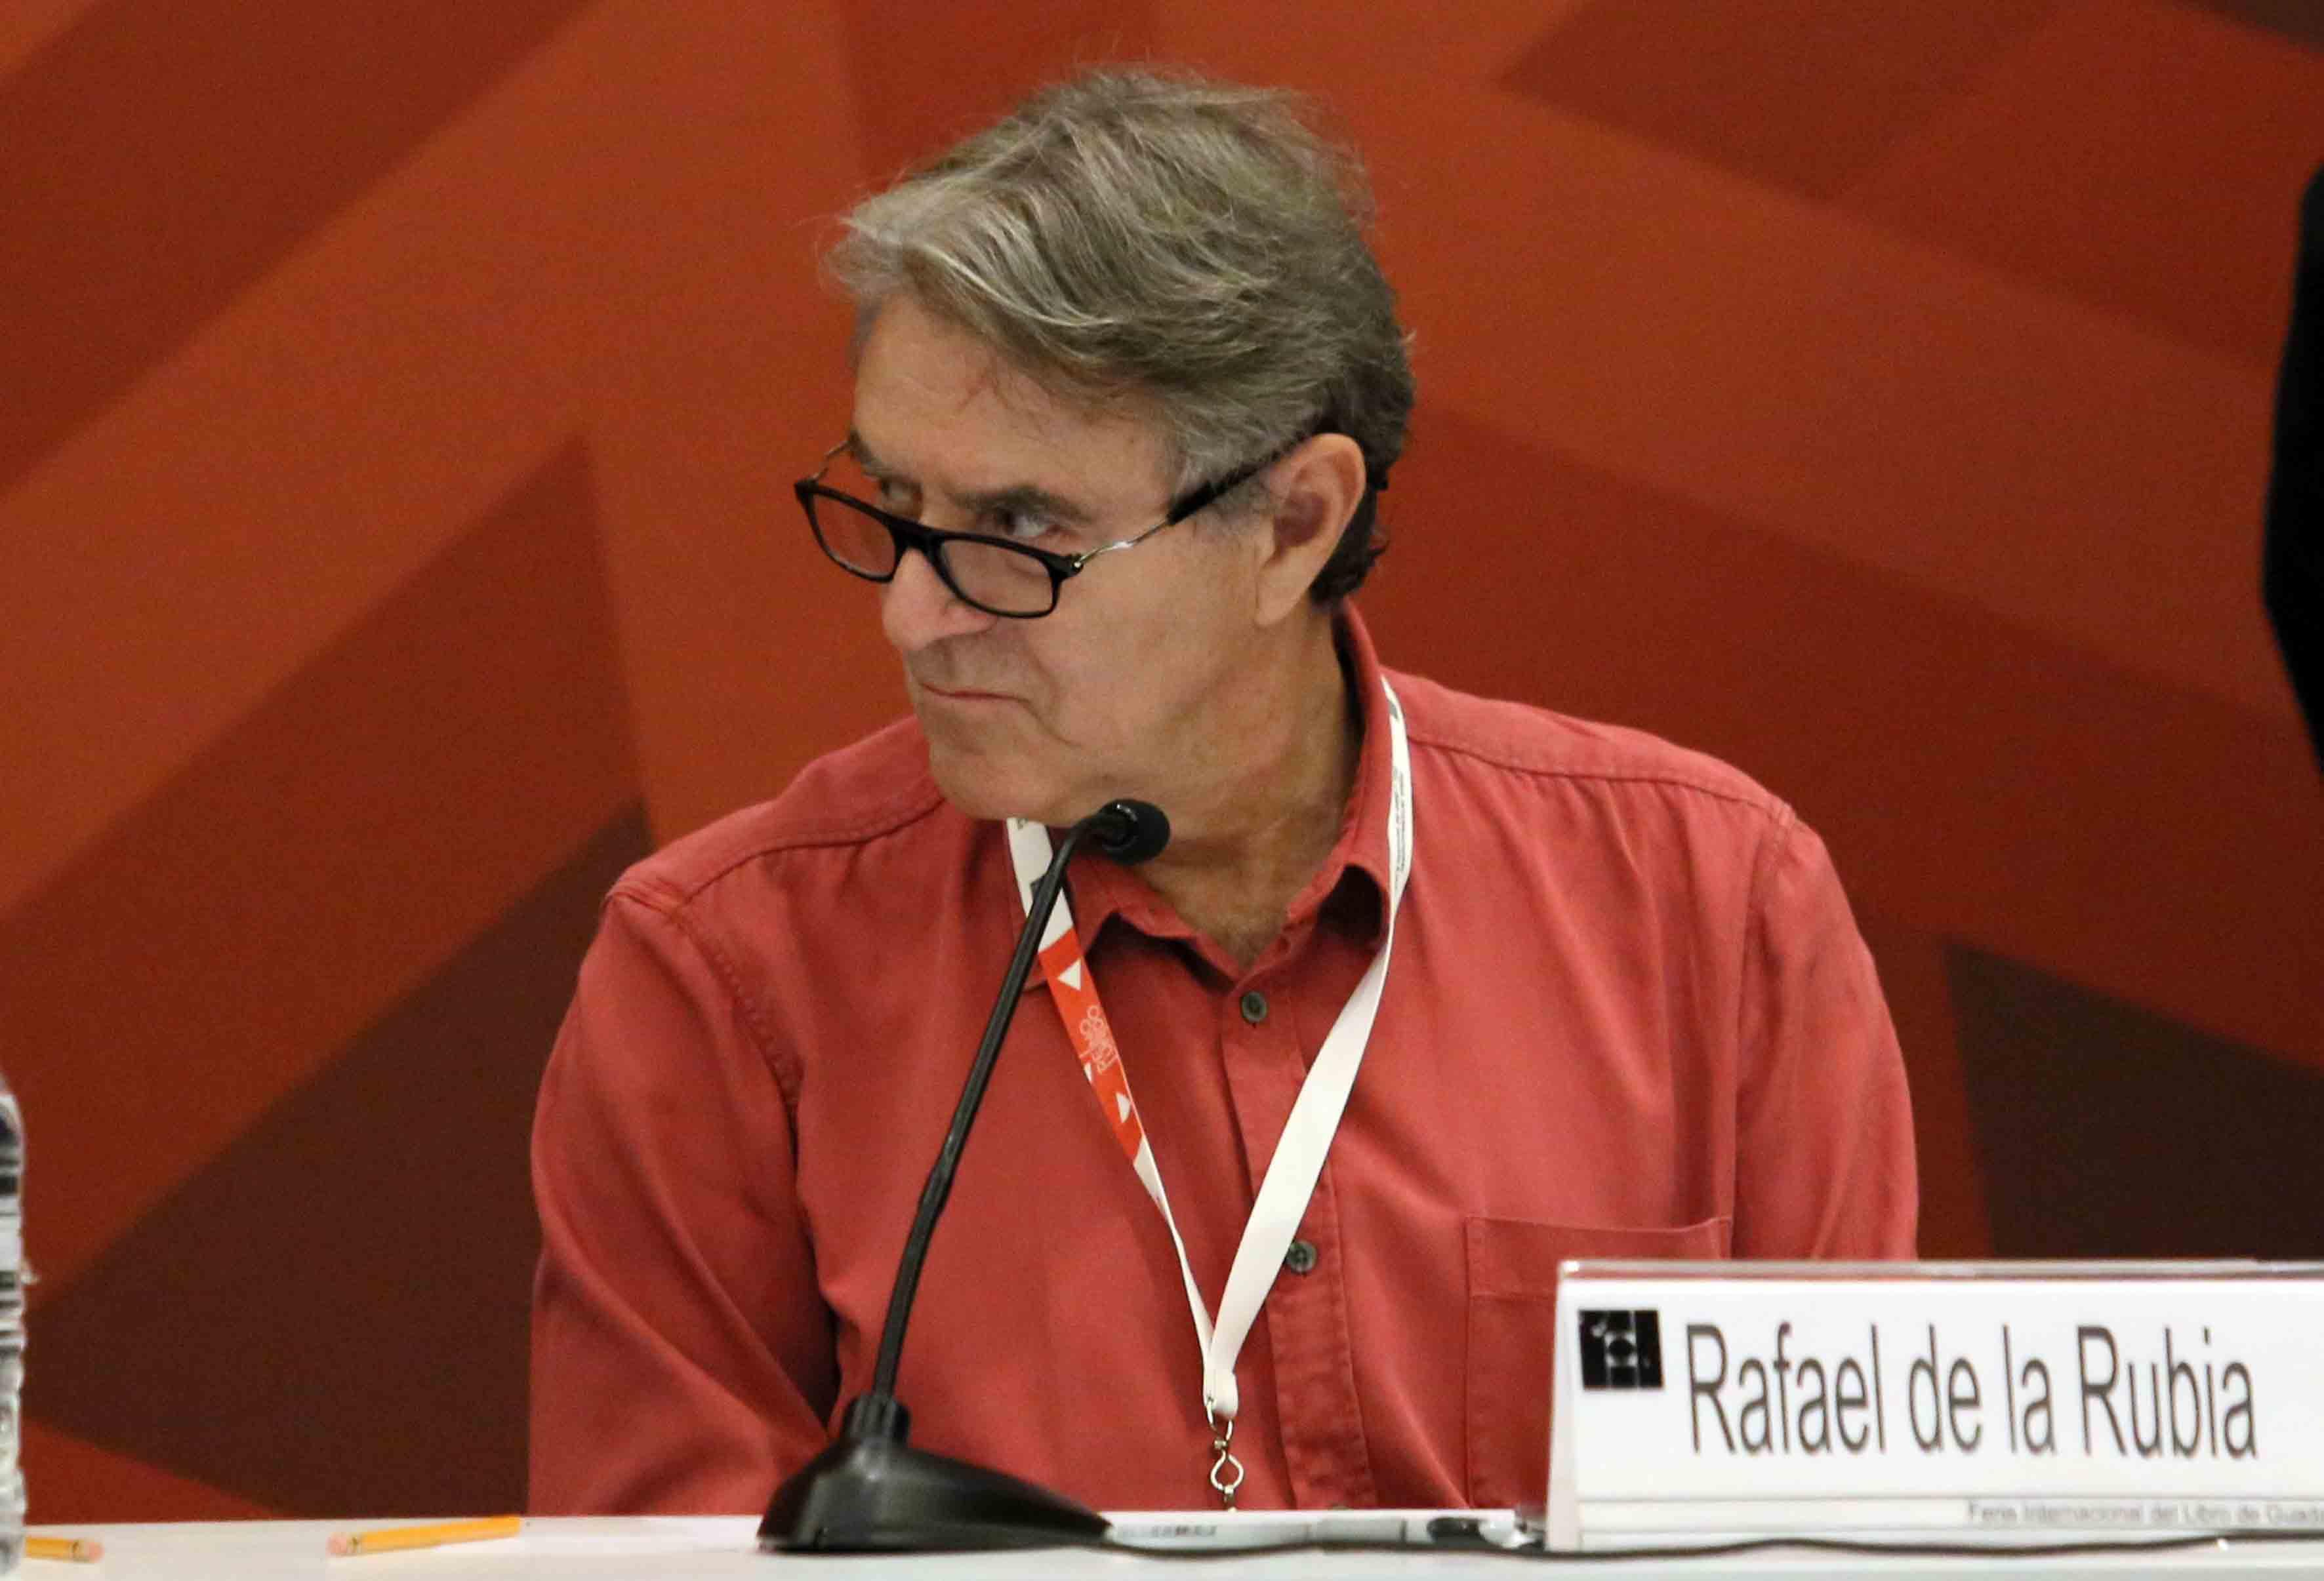 """Rafael de la Rubia durante el XII Encuentro de Humanistas,  activista social y fundador de la asociación """"Mundo sin guerras"""""""